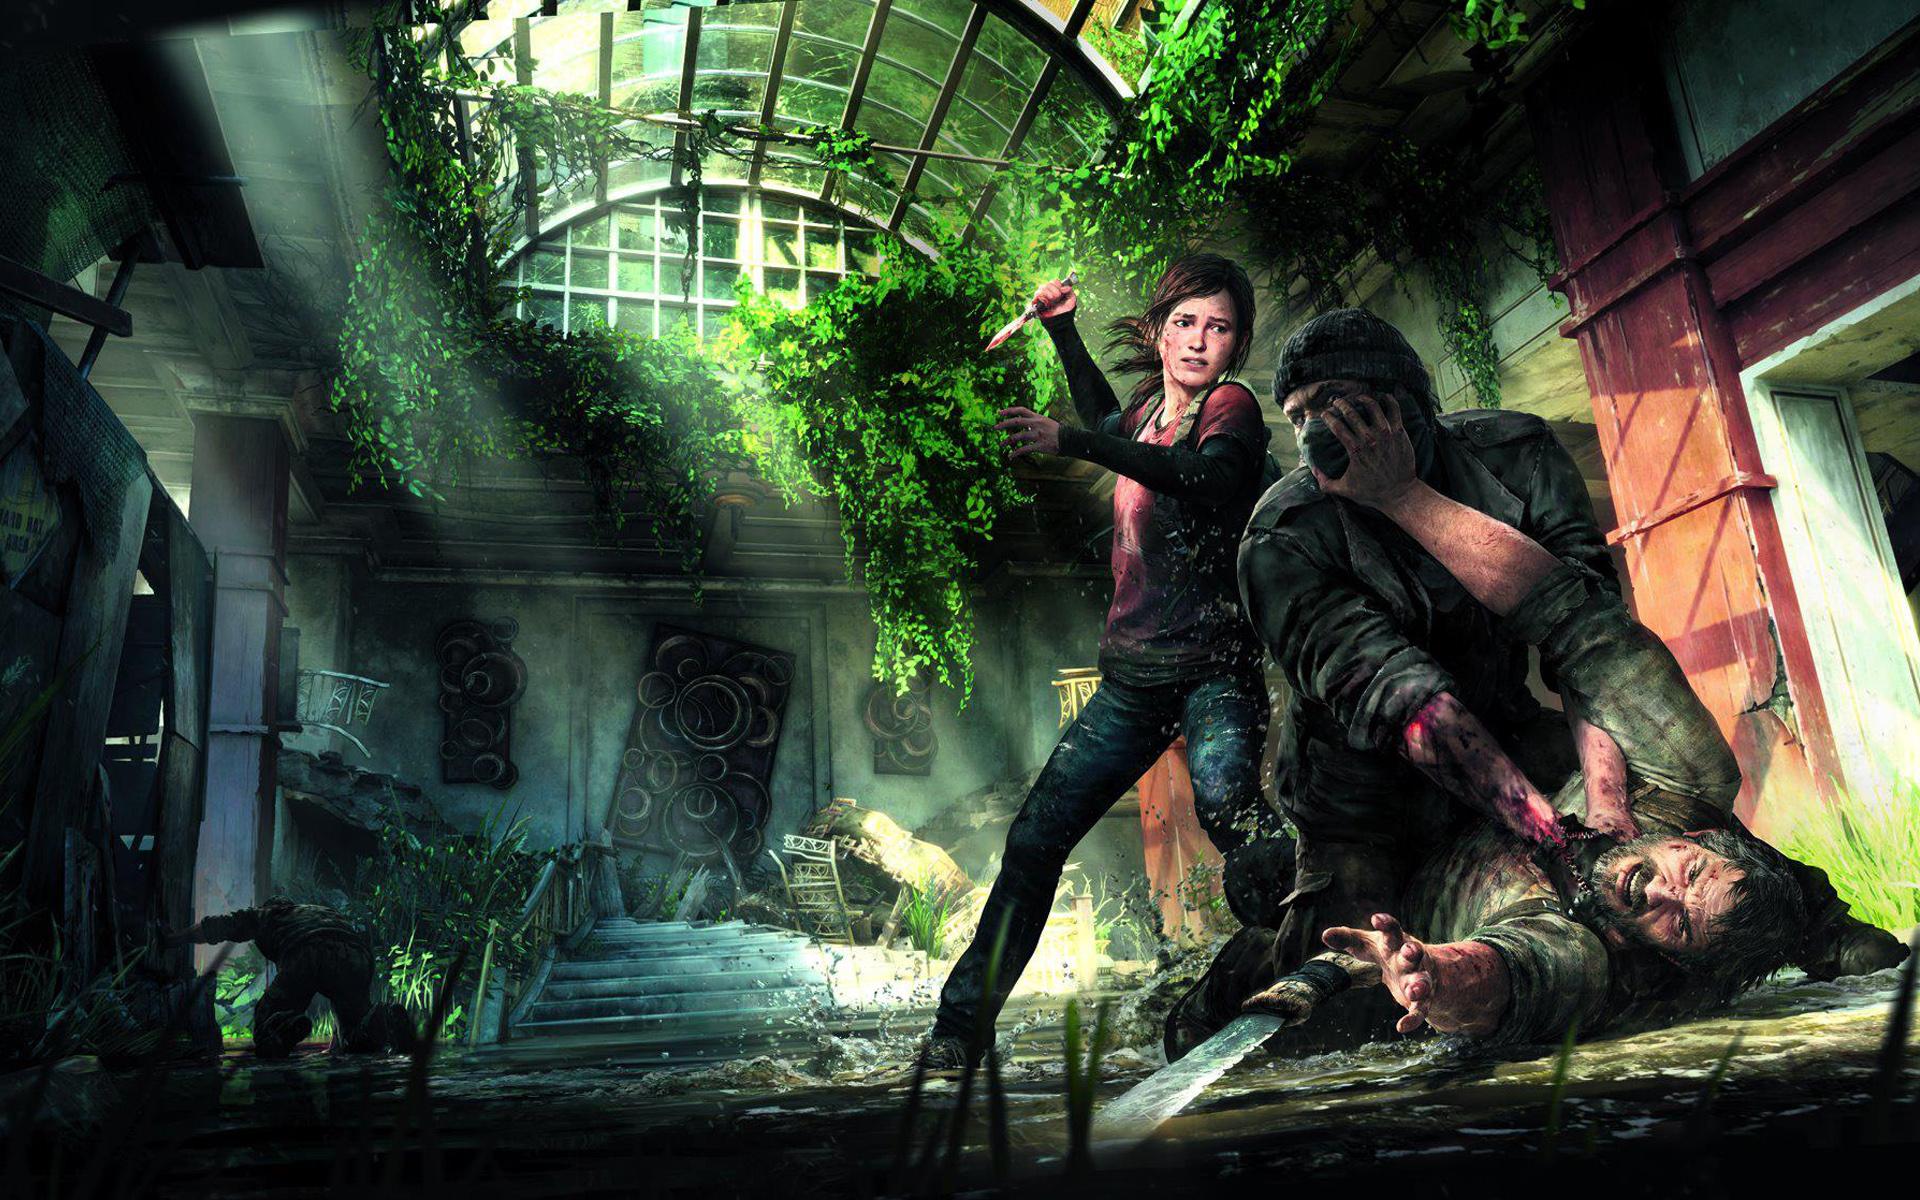 The Last Of Us Wallpapers Hd Sacadas De Gamewallpaperscom